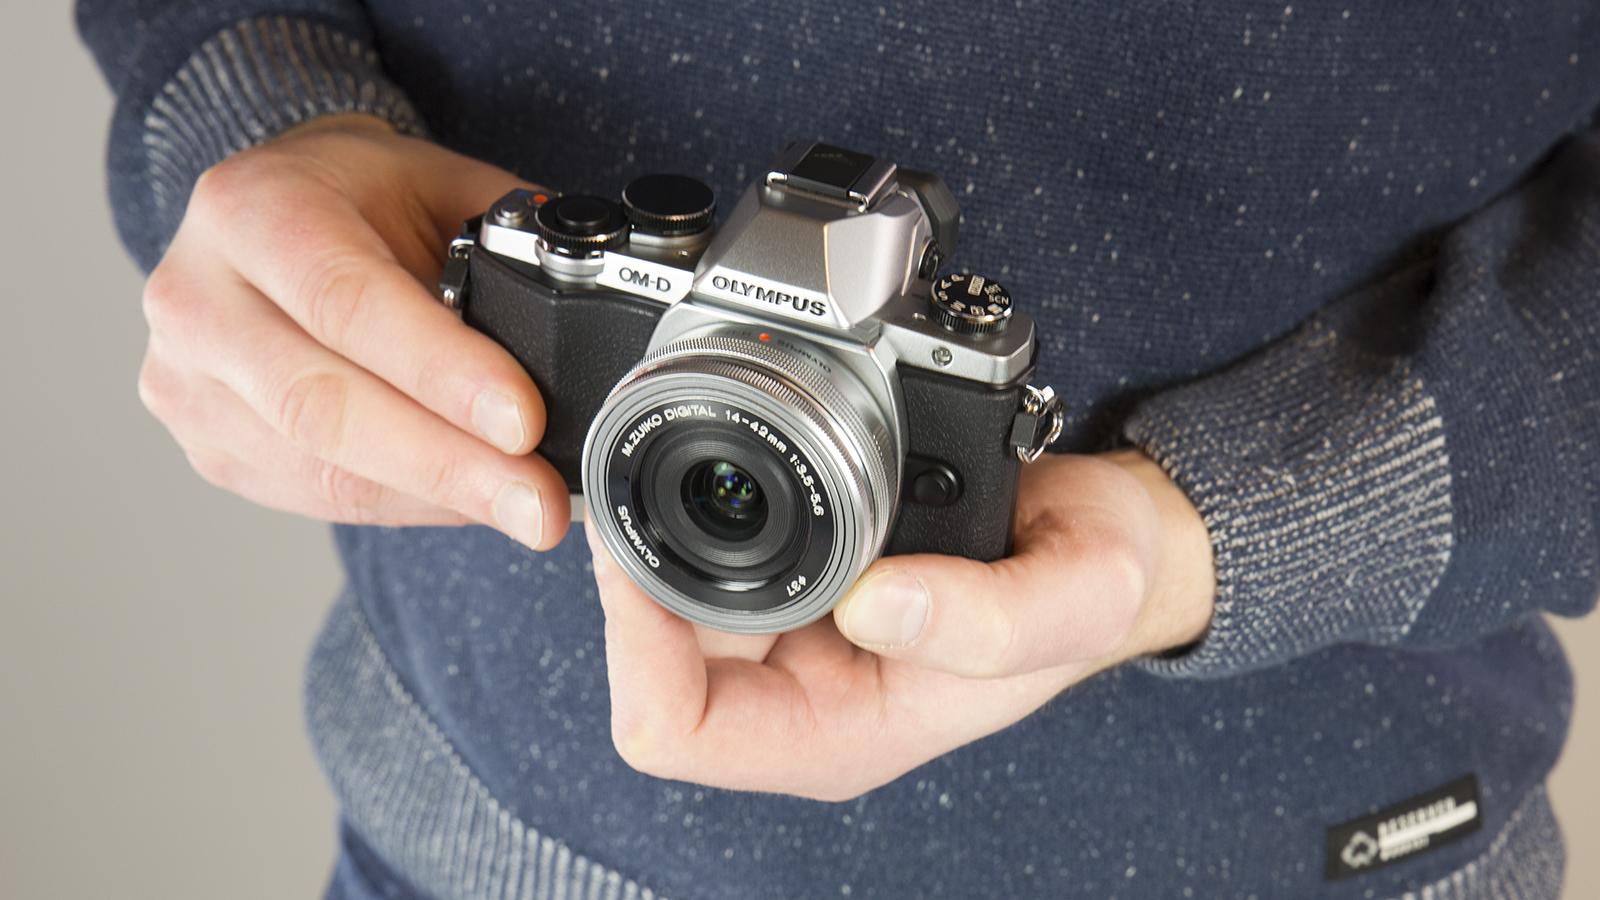 Топ-3 цифровых фотоаппаратов для любителей путешествовать - фото 2